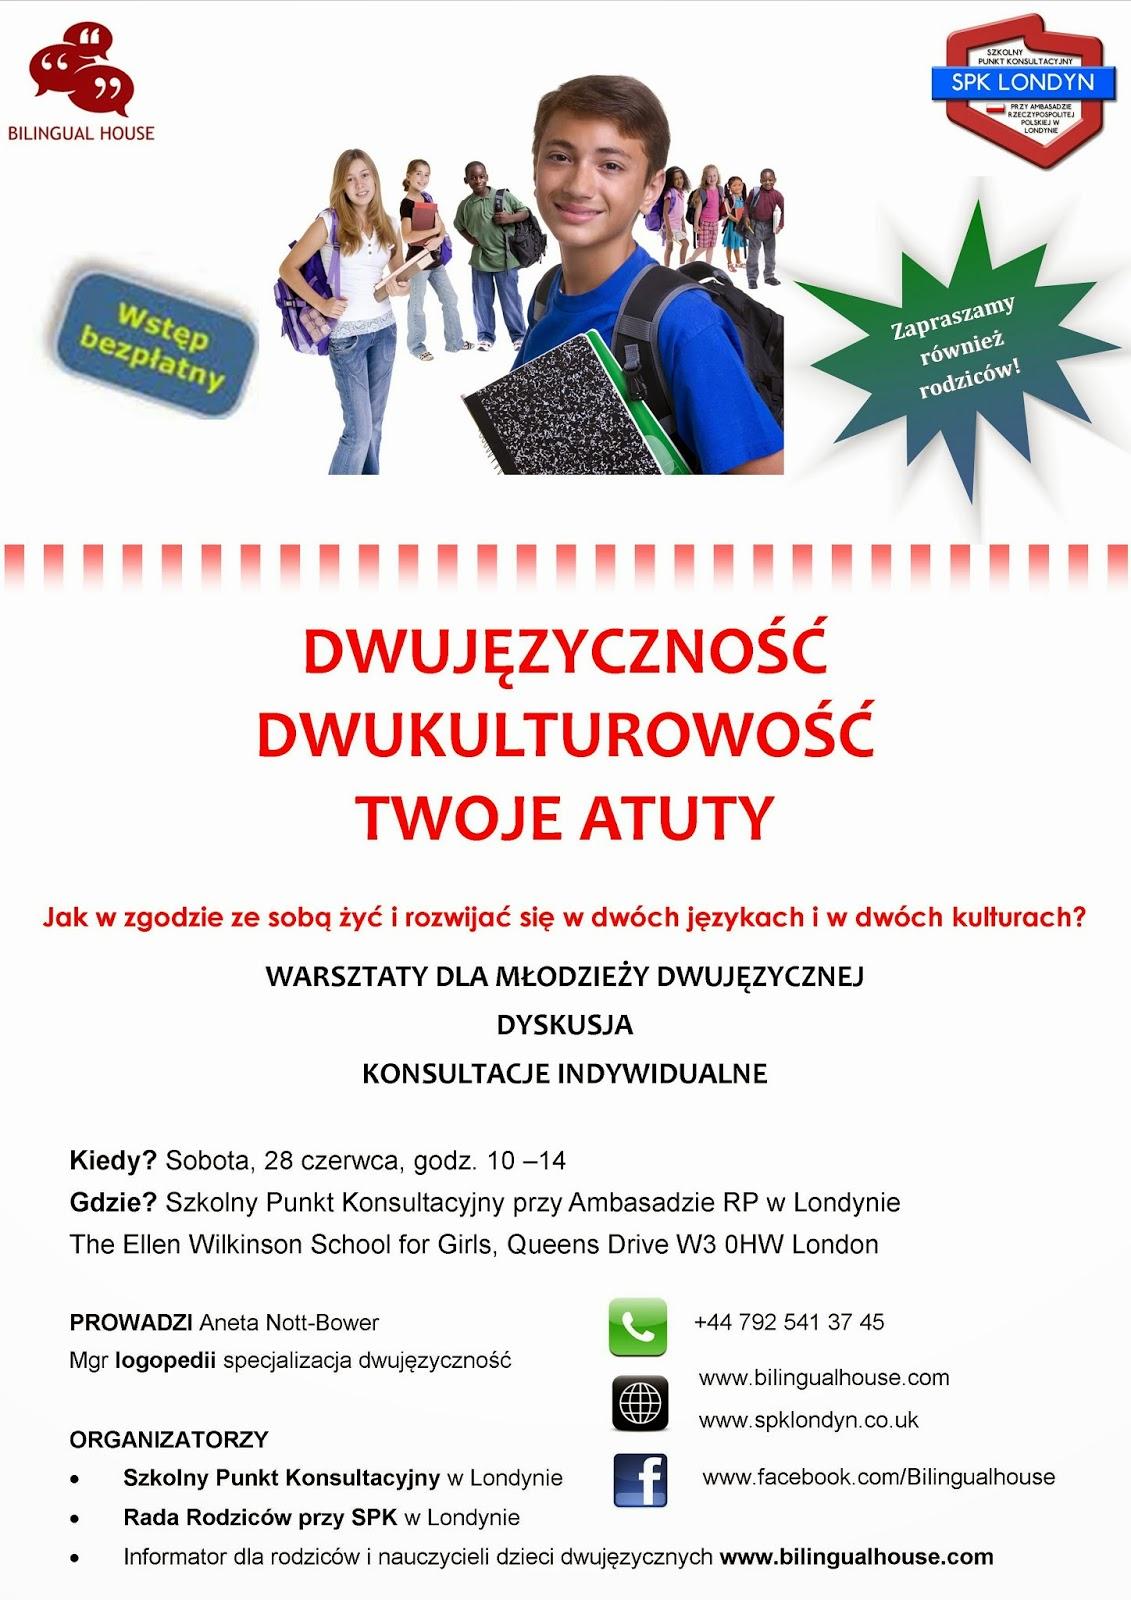 Warsztaty dla młodziezy dwujęzycznej w Londynie